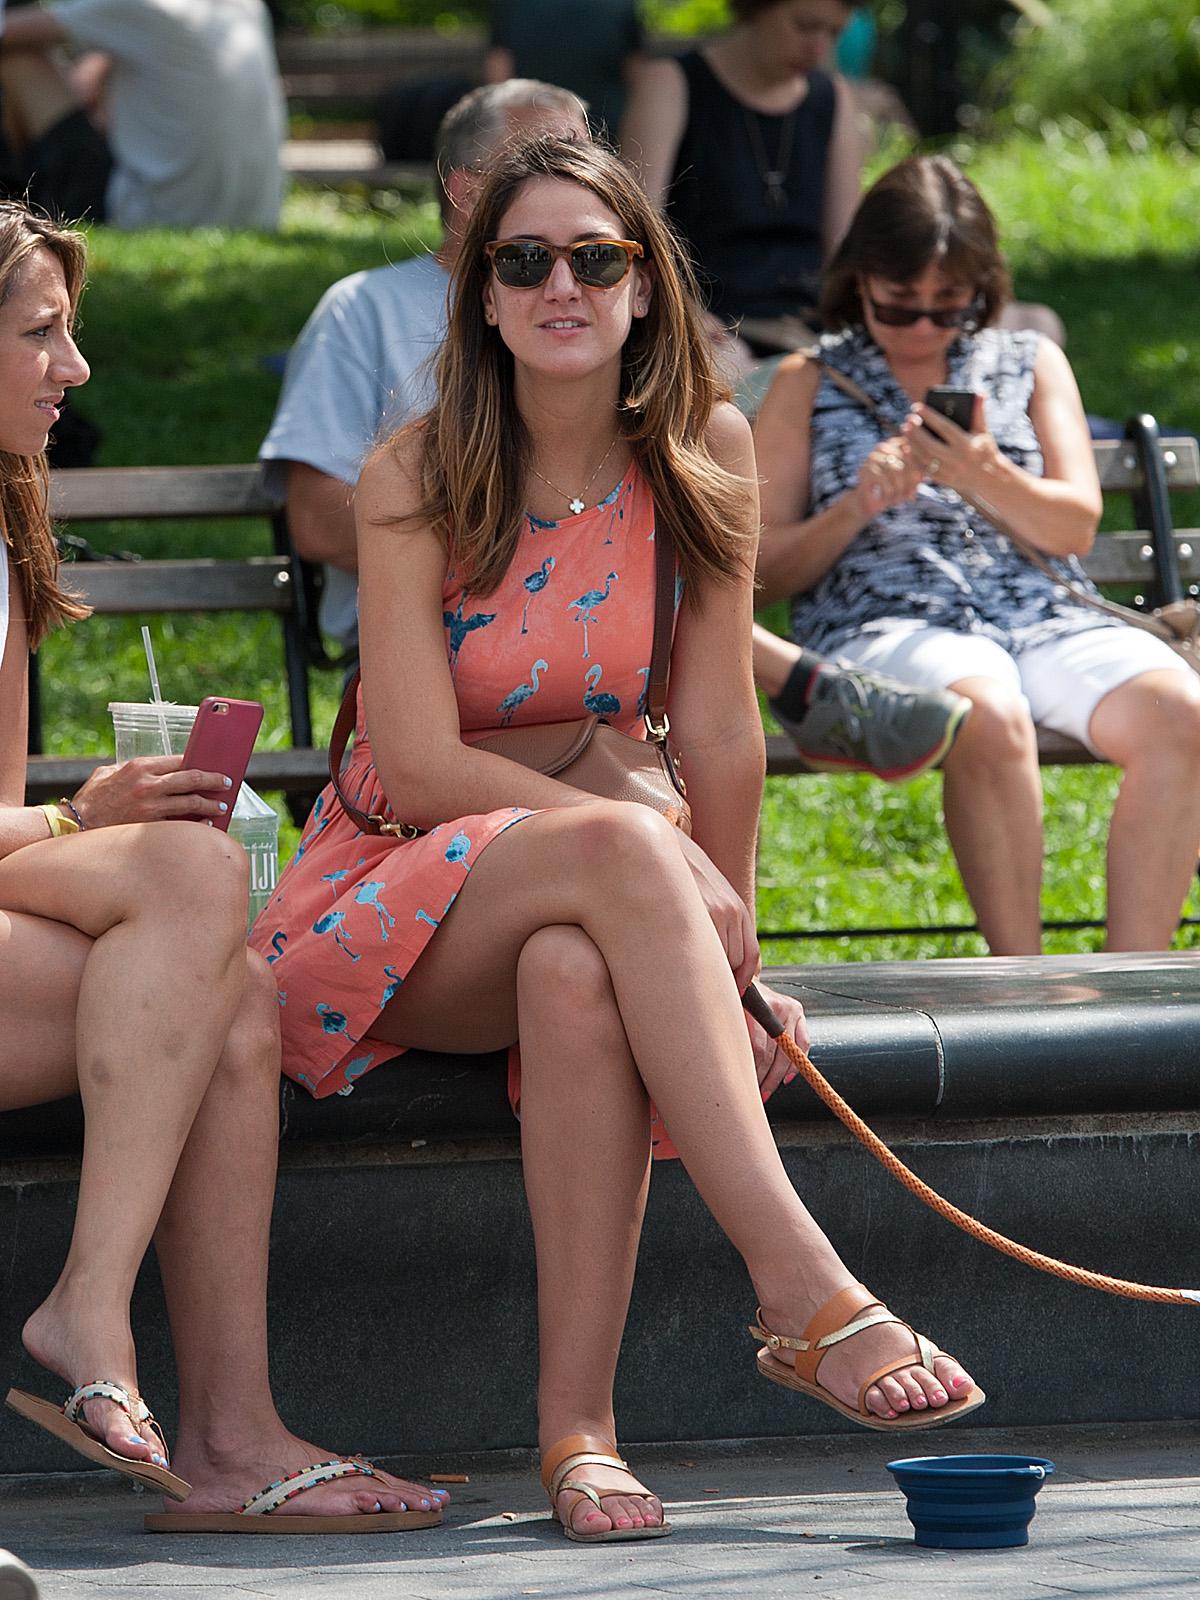 Mujeres bellas en lugares publicos   Mujeres bellas en la